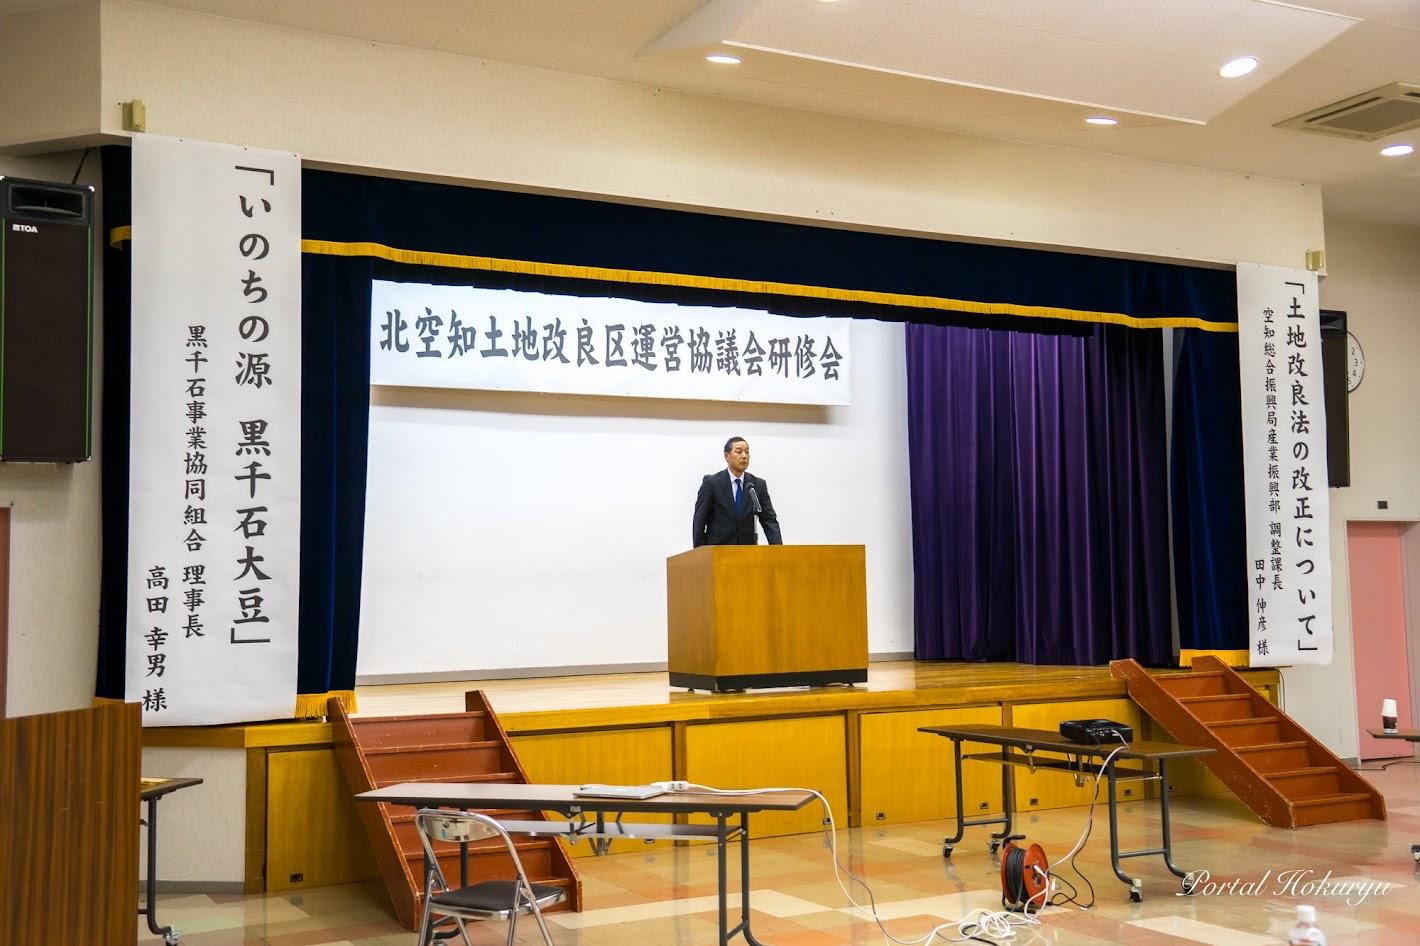 芦別市土地改良区・中住昭 理事長(運営協議会副会長)